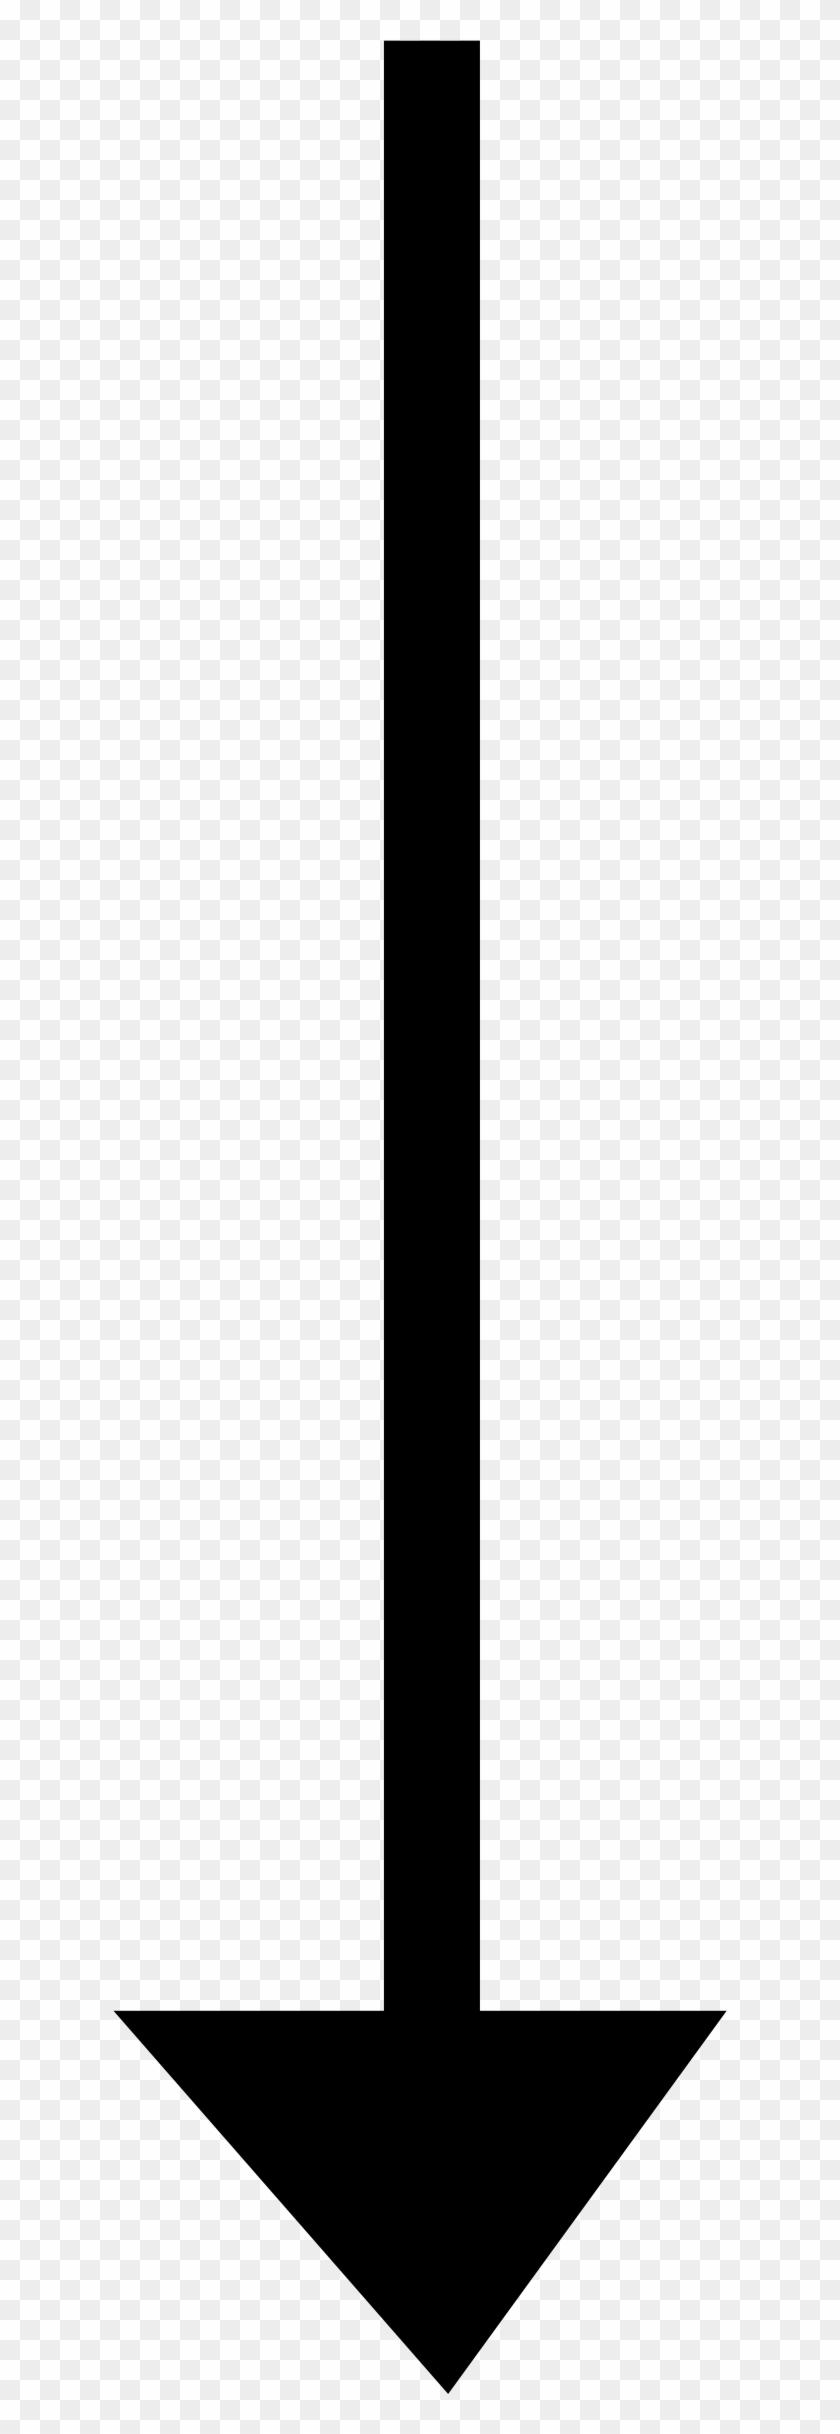 Down Arrow Clip Art - Simple Arrow Pointing Down #281332